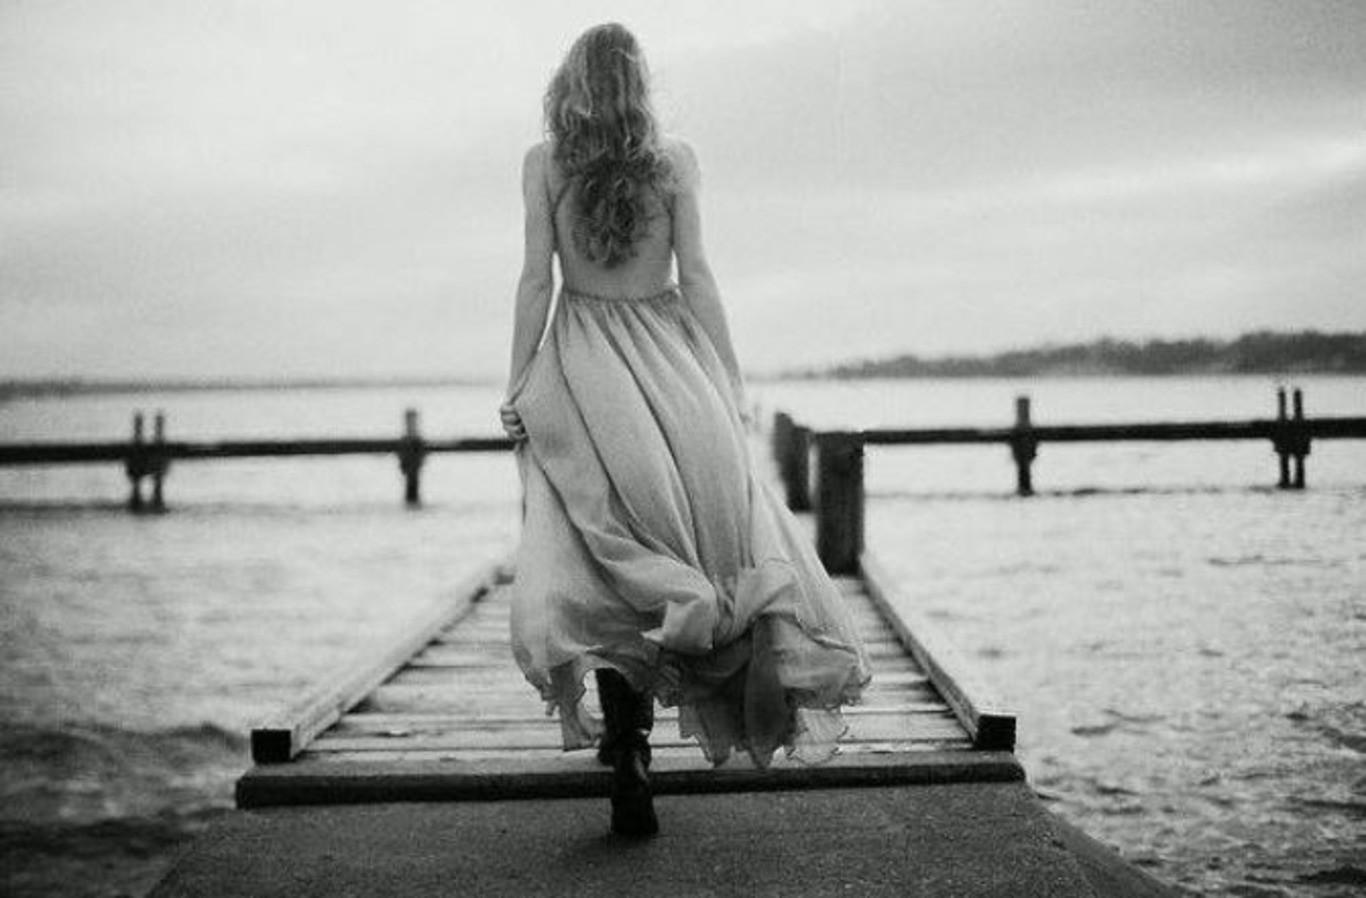 Нужно уйти, когда нас не просят остаться